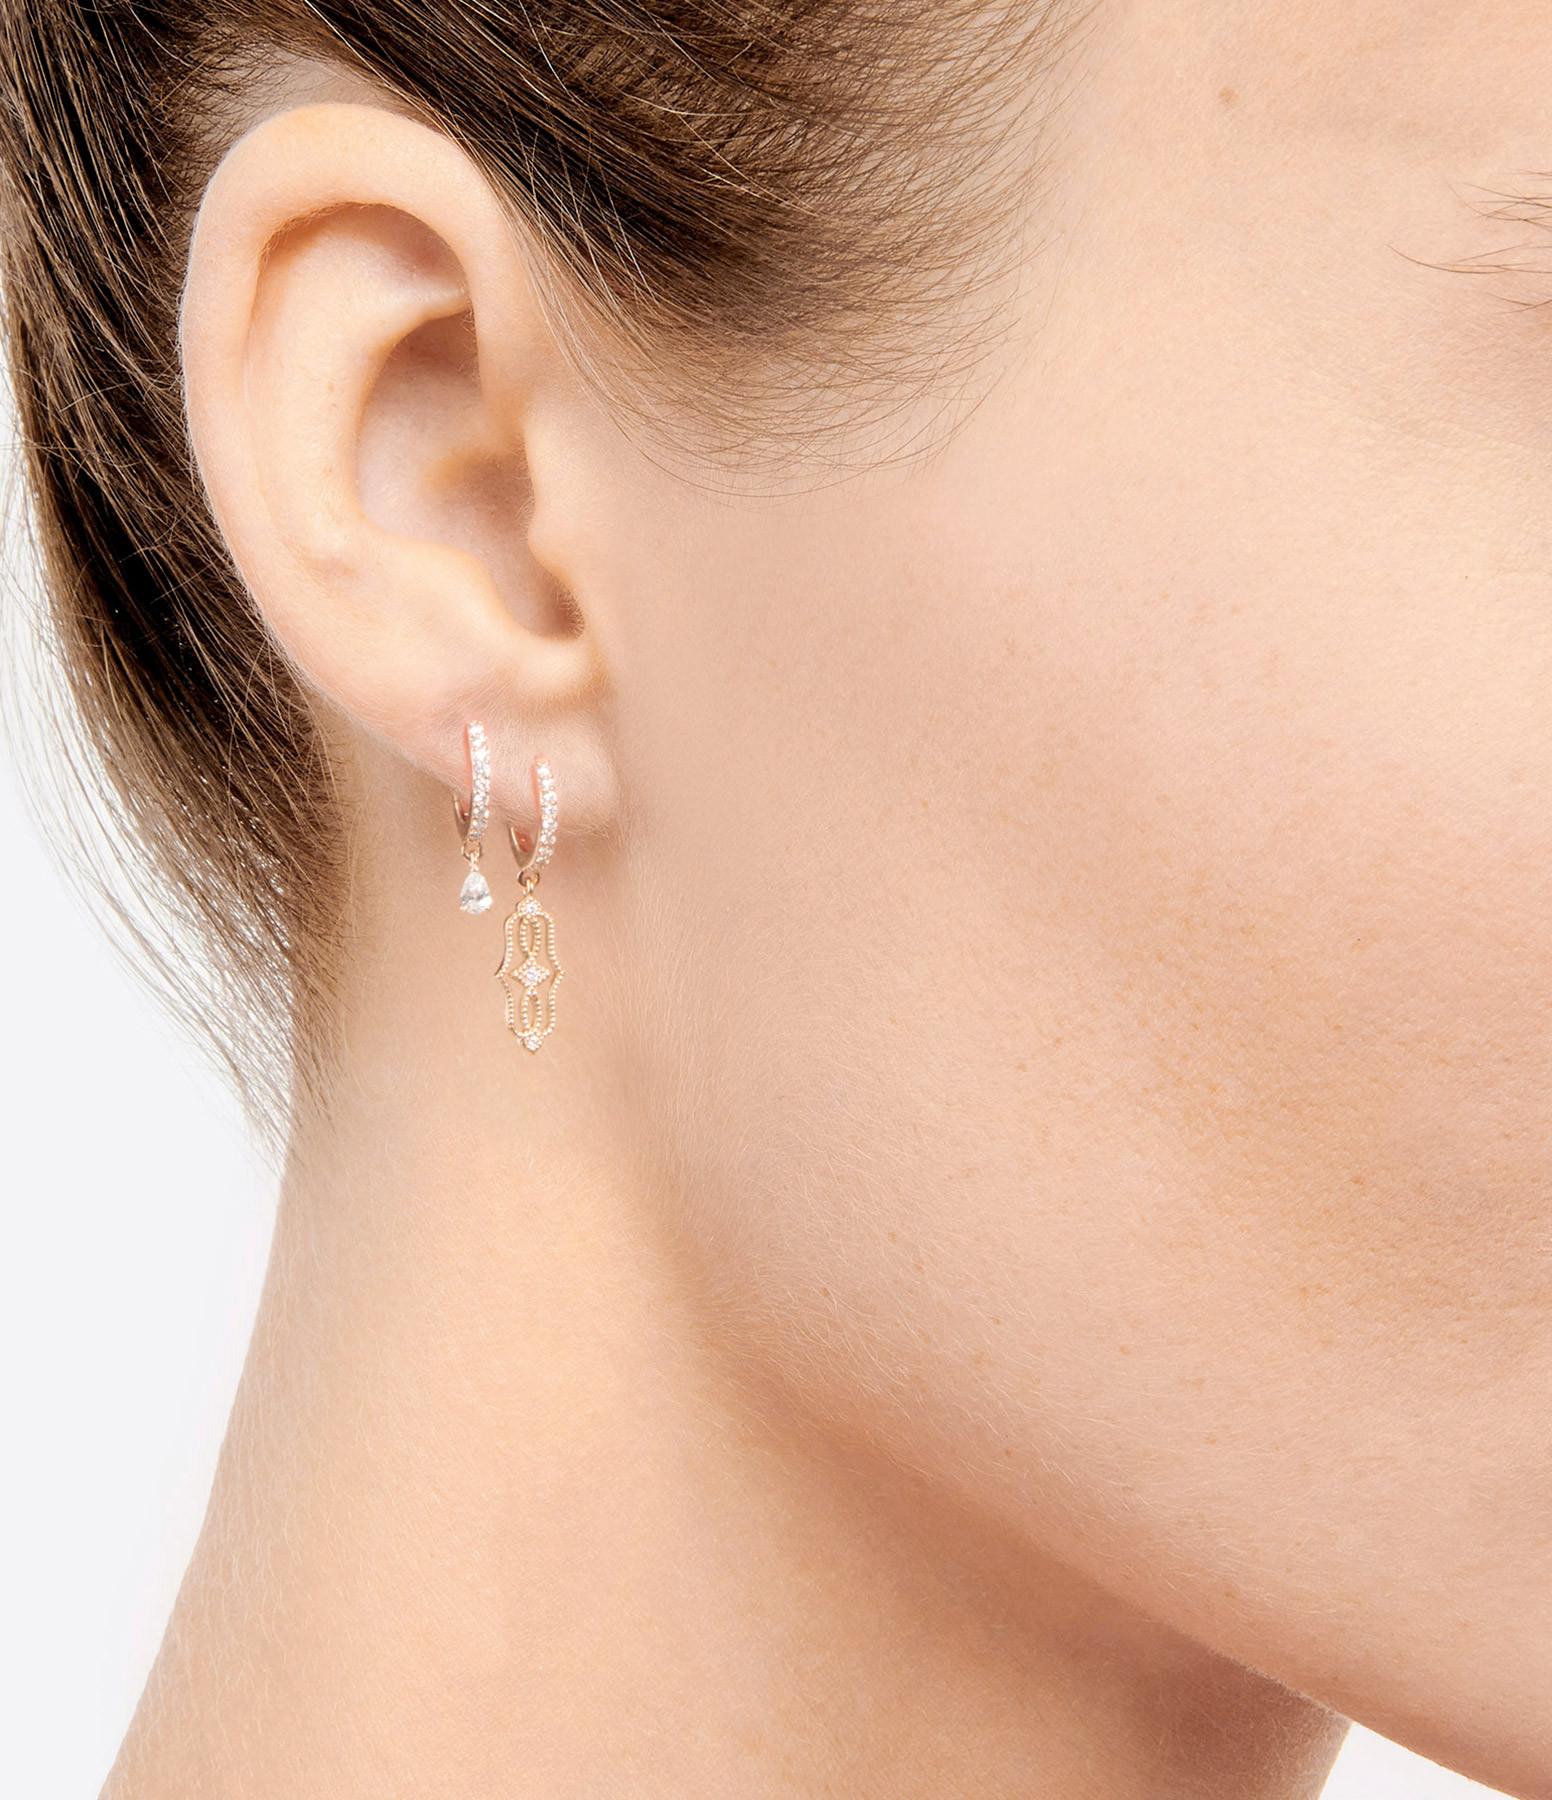 NAVA JOAILLERIE - Boucle d'oreille Calypso Or Rose (vendue à l'unité)